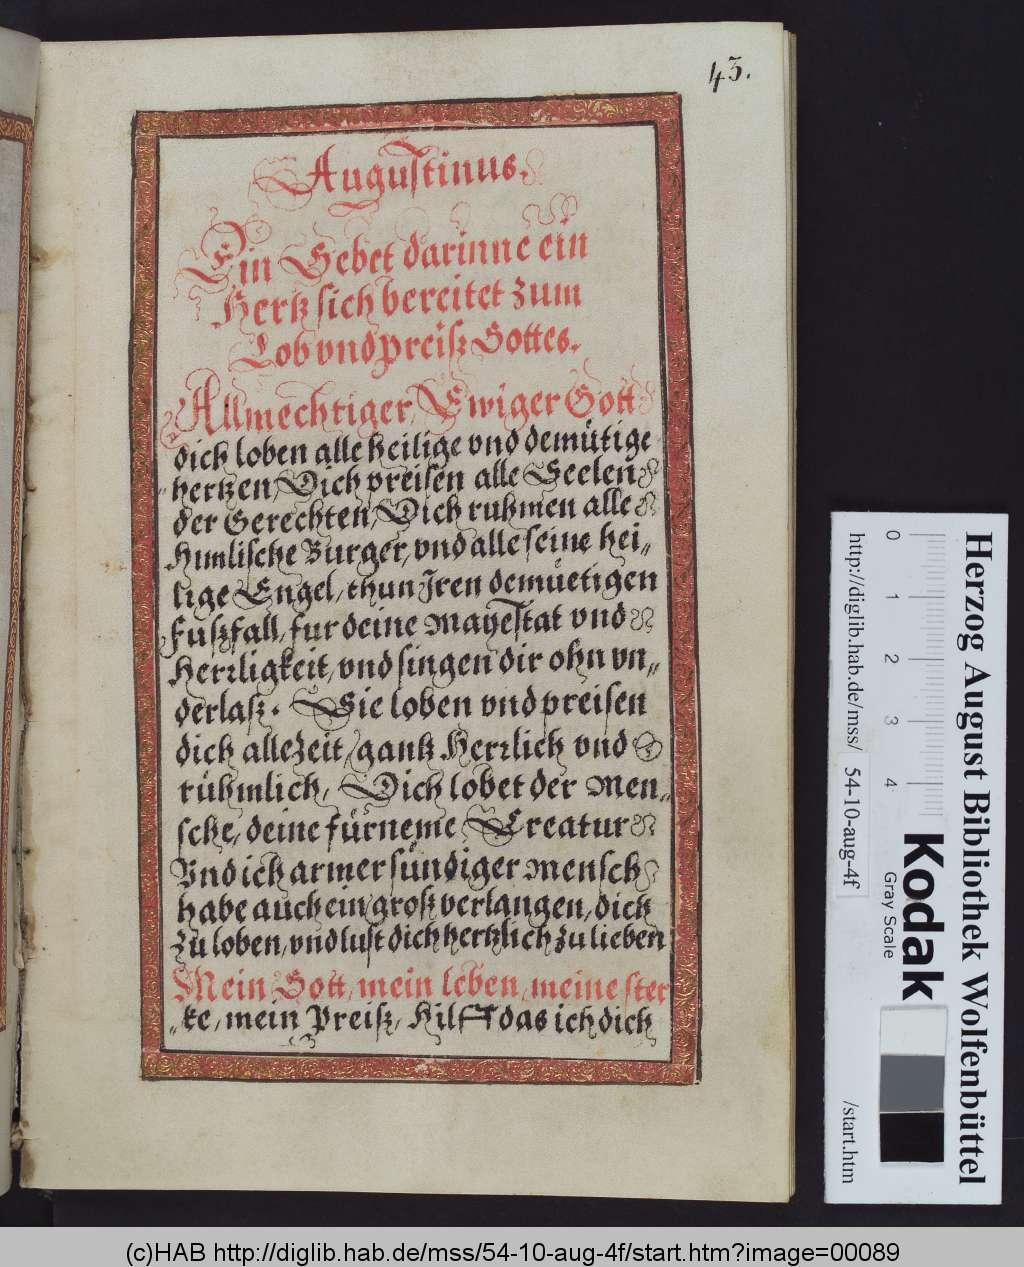 http://diglib.hab.de/mss/54-10-aug-4f/00089.jpg